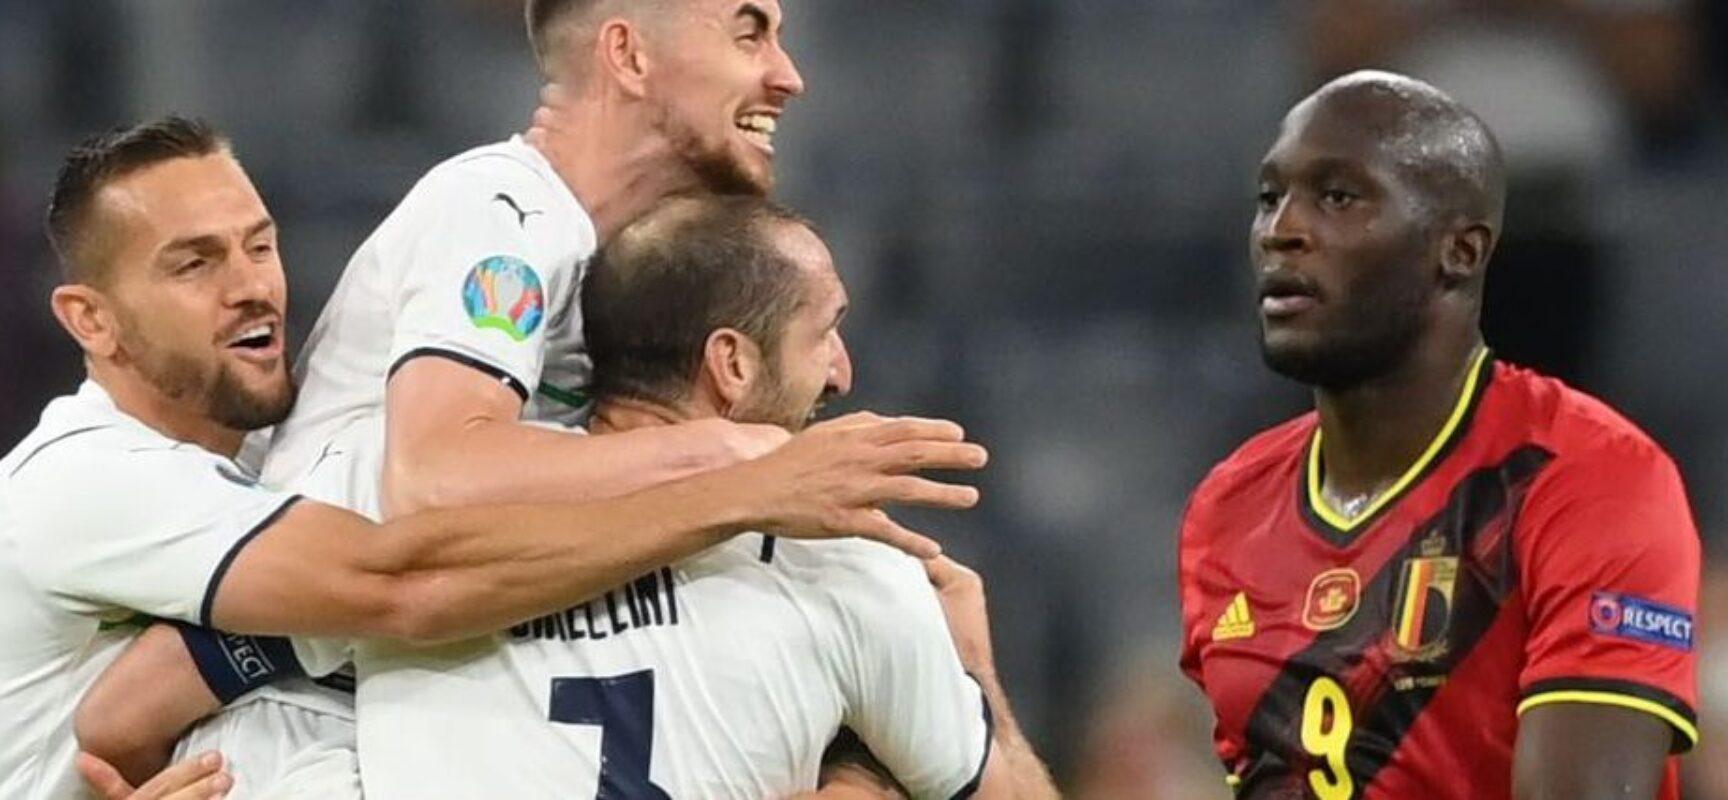 Itália vence Bélgica por 2 a 1 e alcança semifinais da Eurocopa